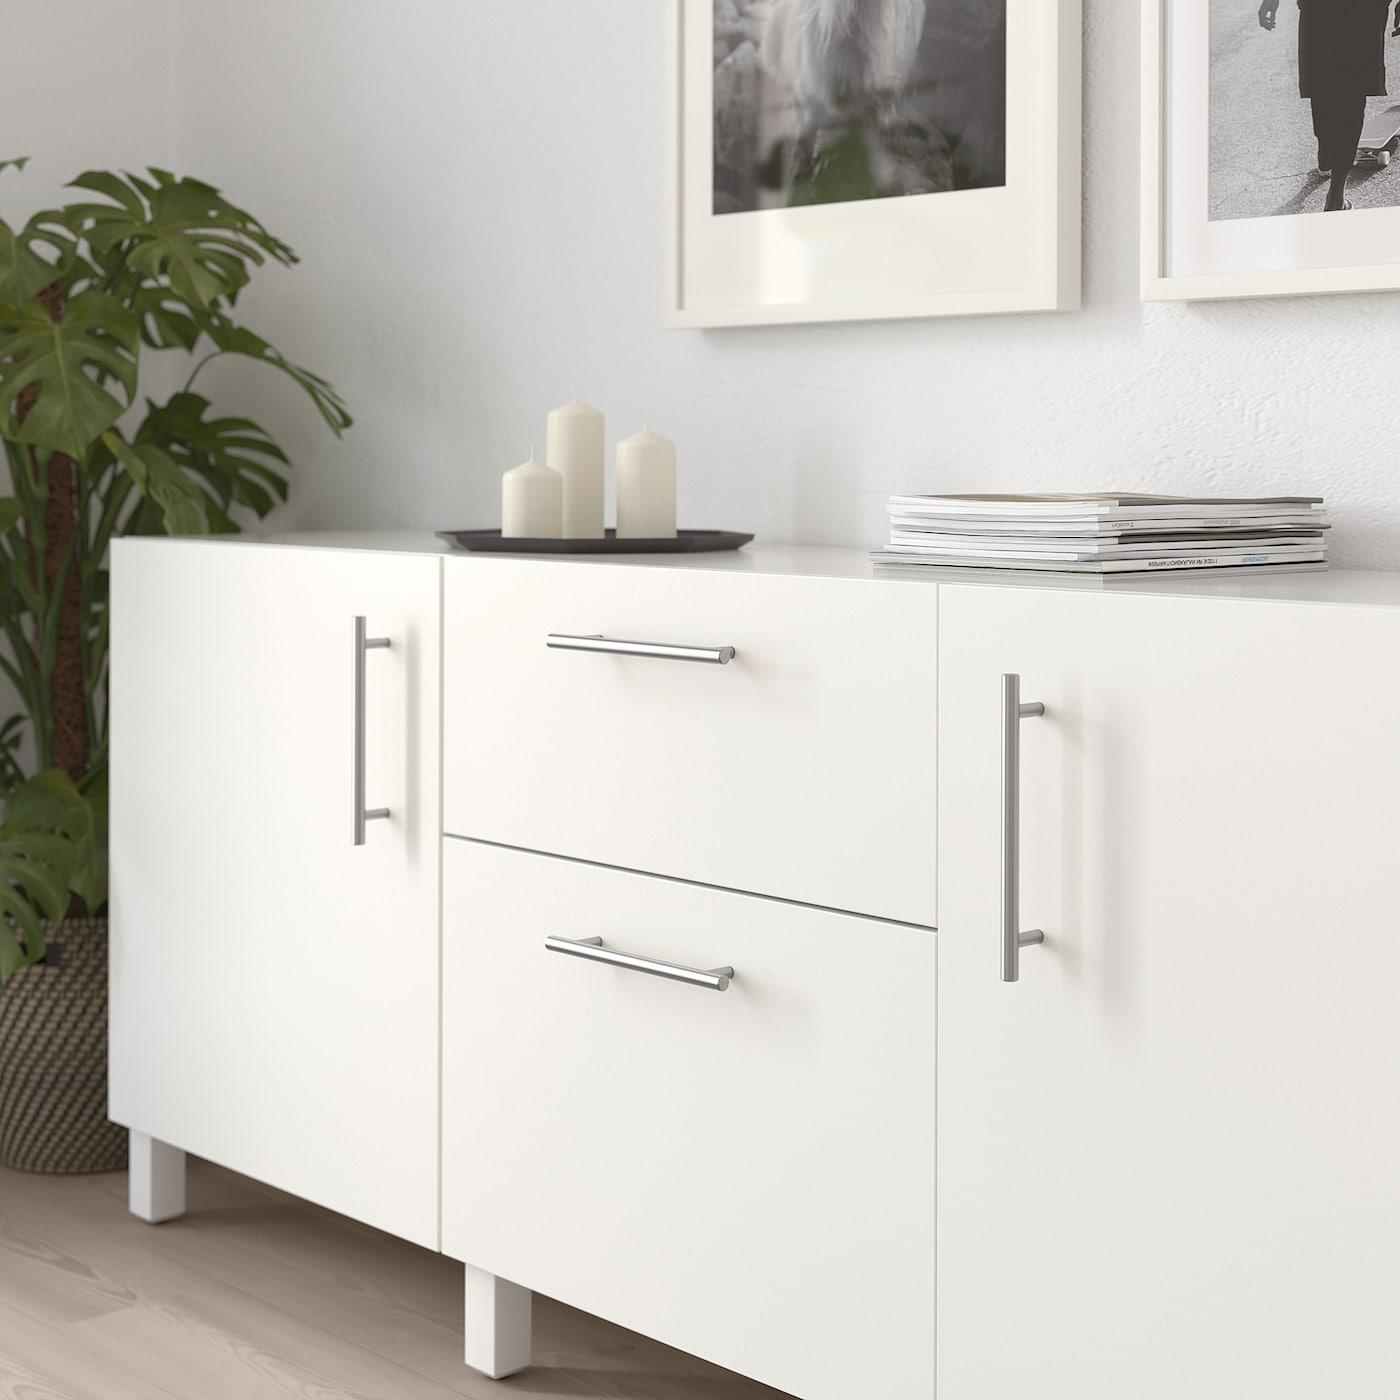 Poignée De Cuisine Ikea kallrÖr poignée - acier inoxydable 213 mm